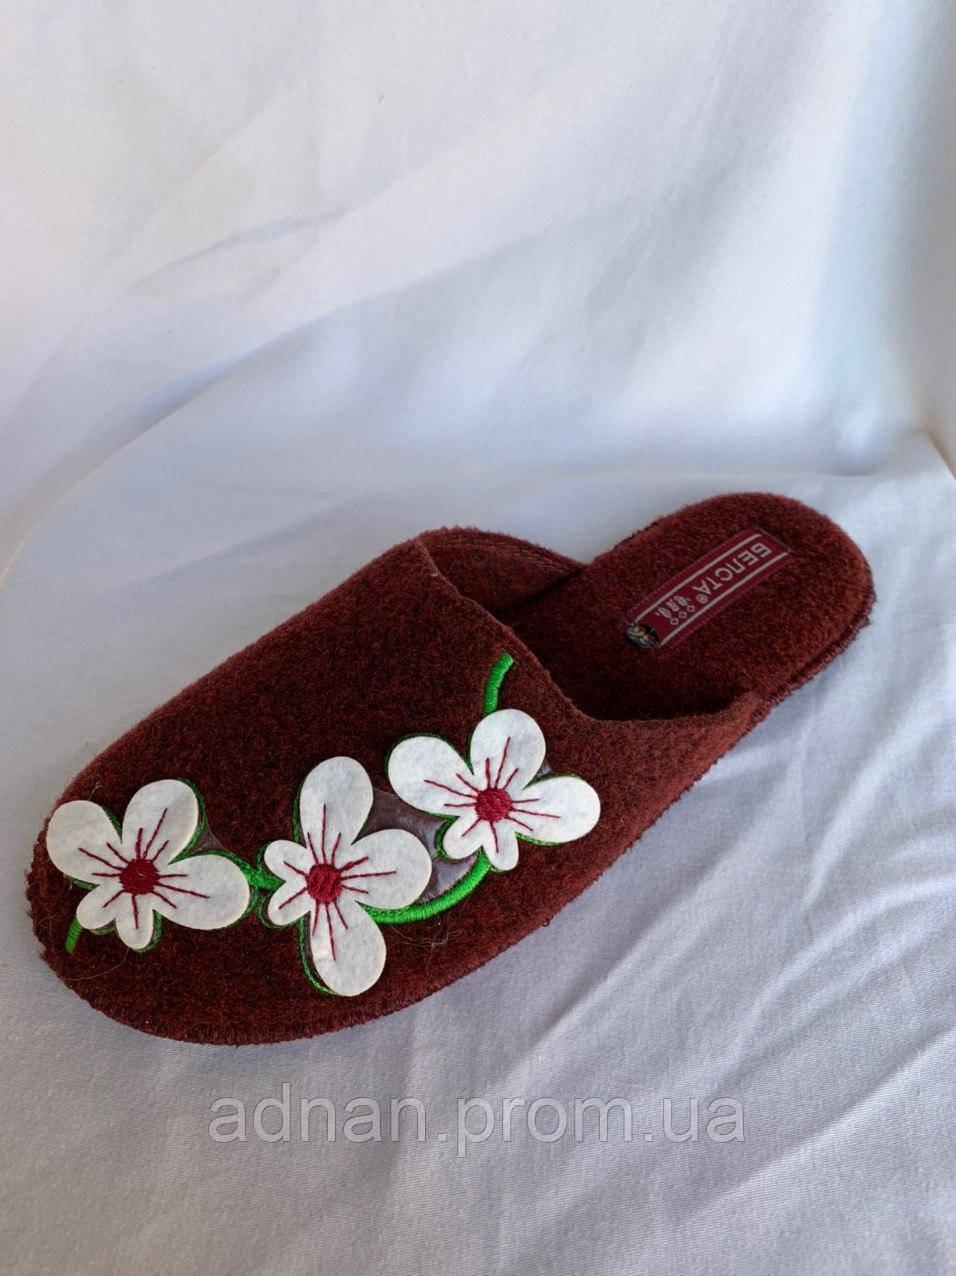 Тапочки жіночі, БЕЛСТА, паркетні, 6 пар в упаковці, Україна/ купити тапочки оптом